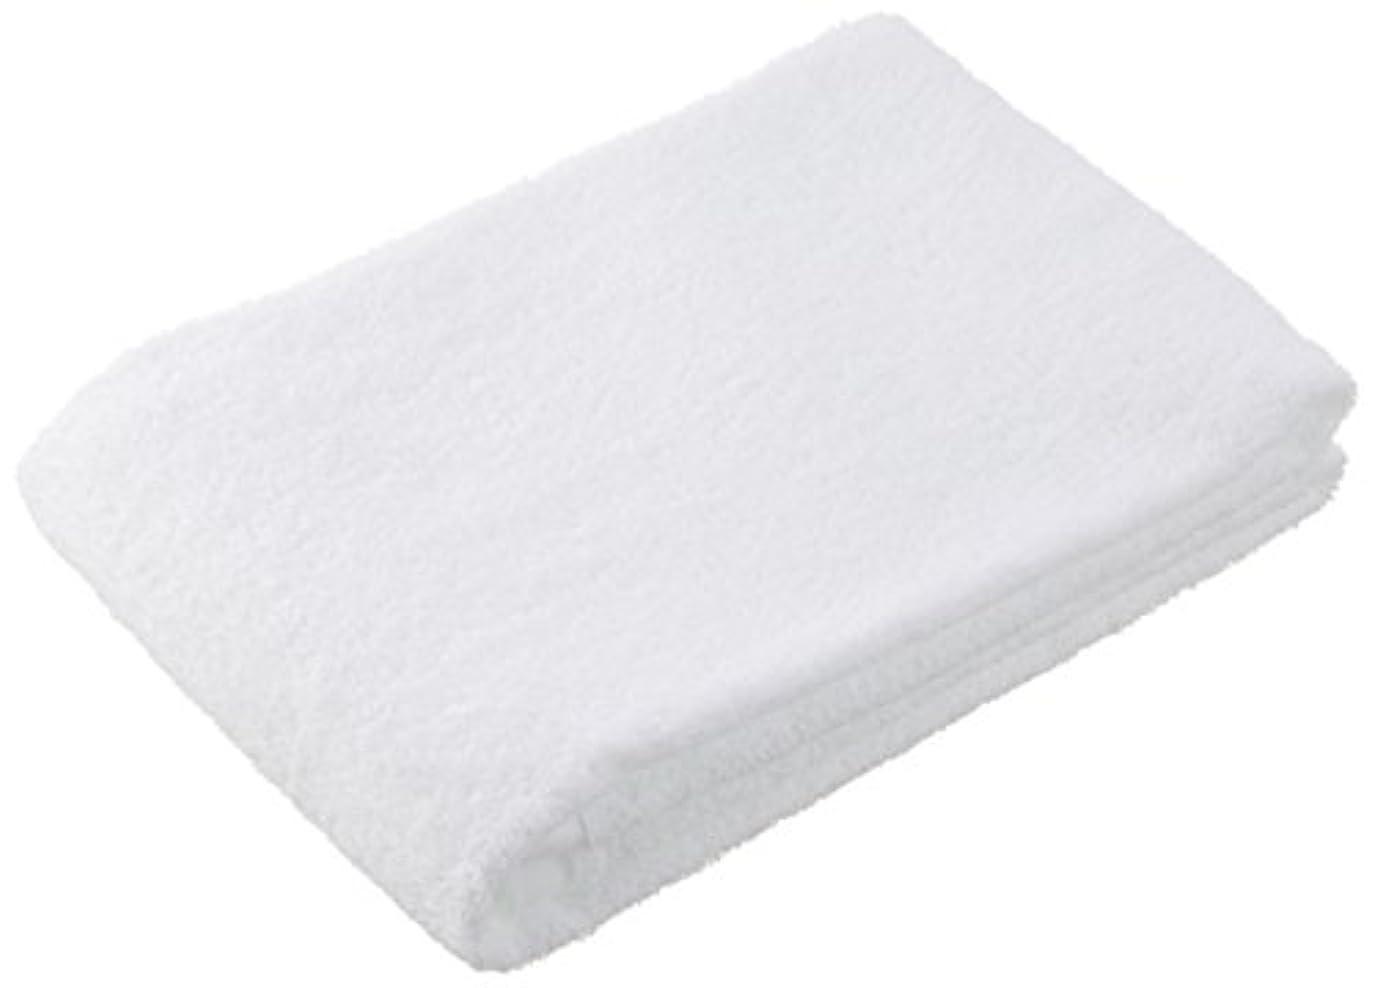 工業用安定しましたかけがえのないキヨタ 抗菌バスタオル ホワイト H-070